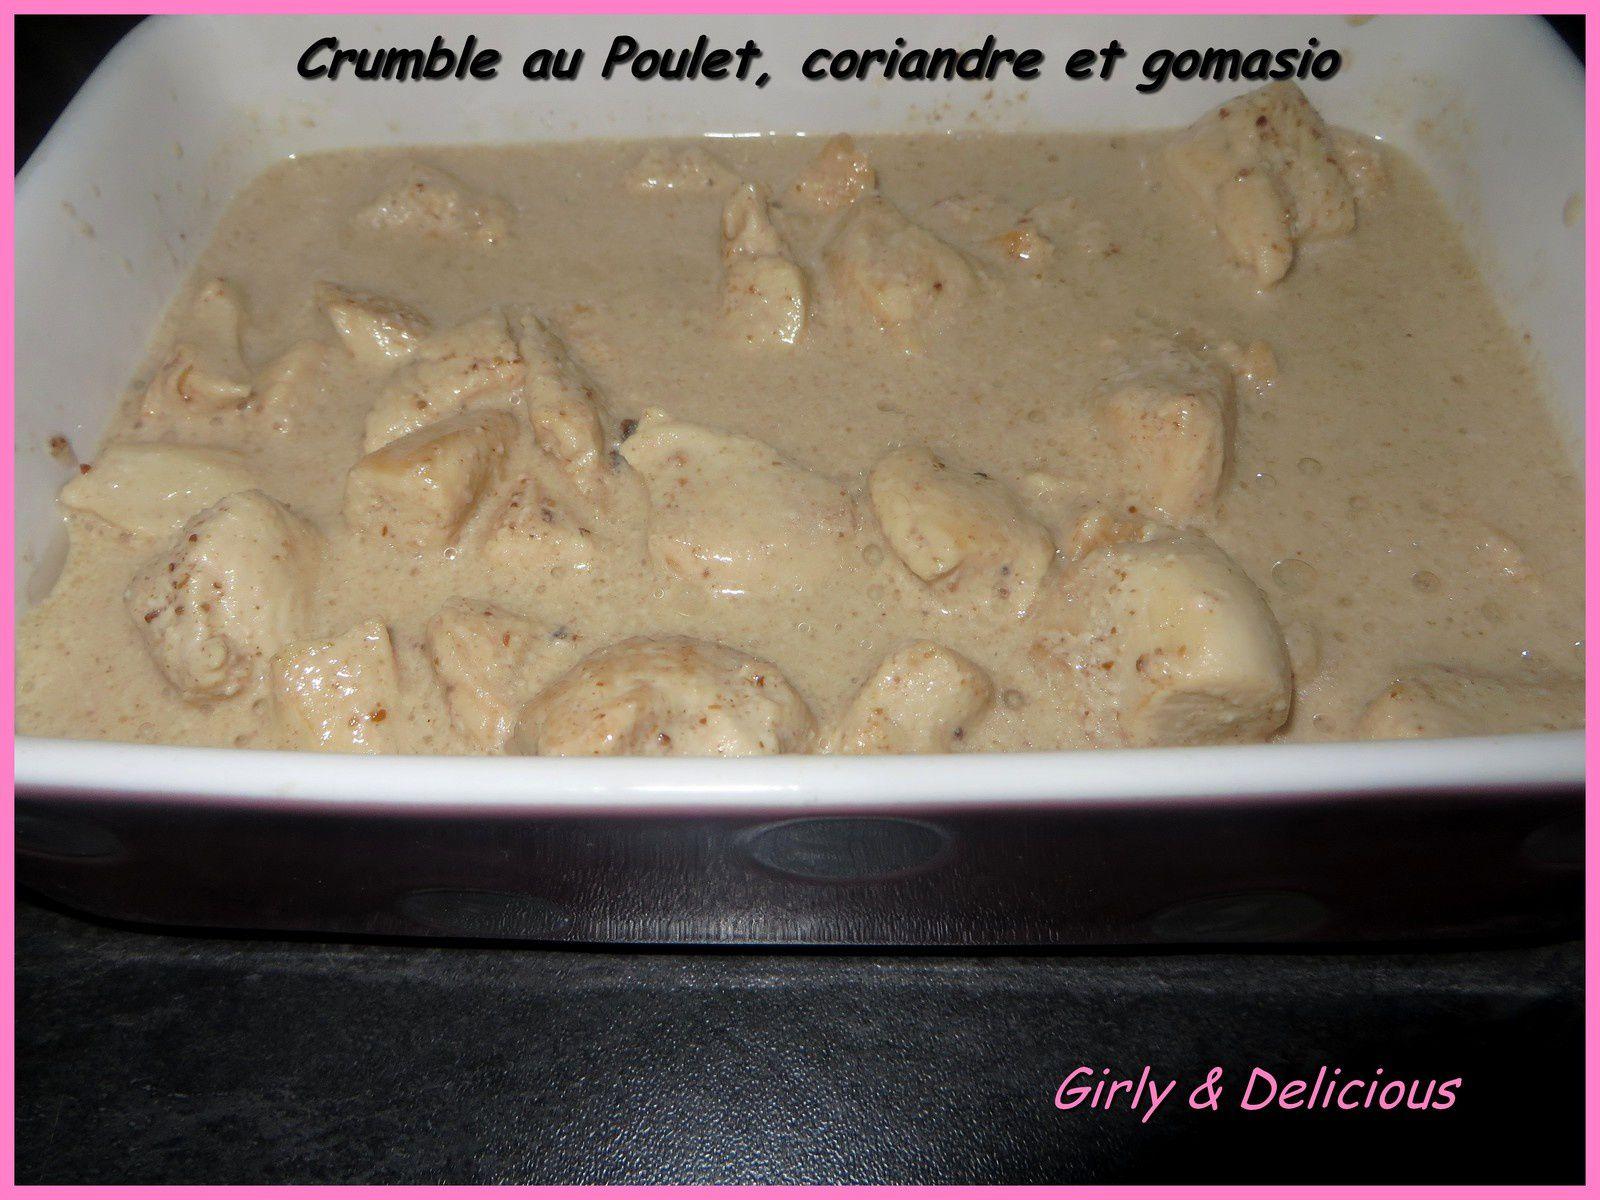 Crumble au poulet Coriandre et Gomasio